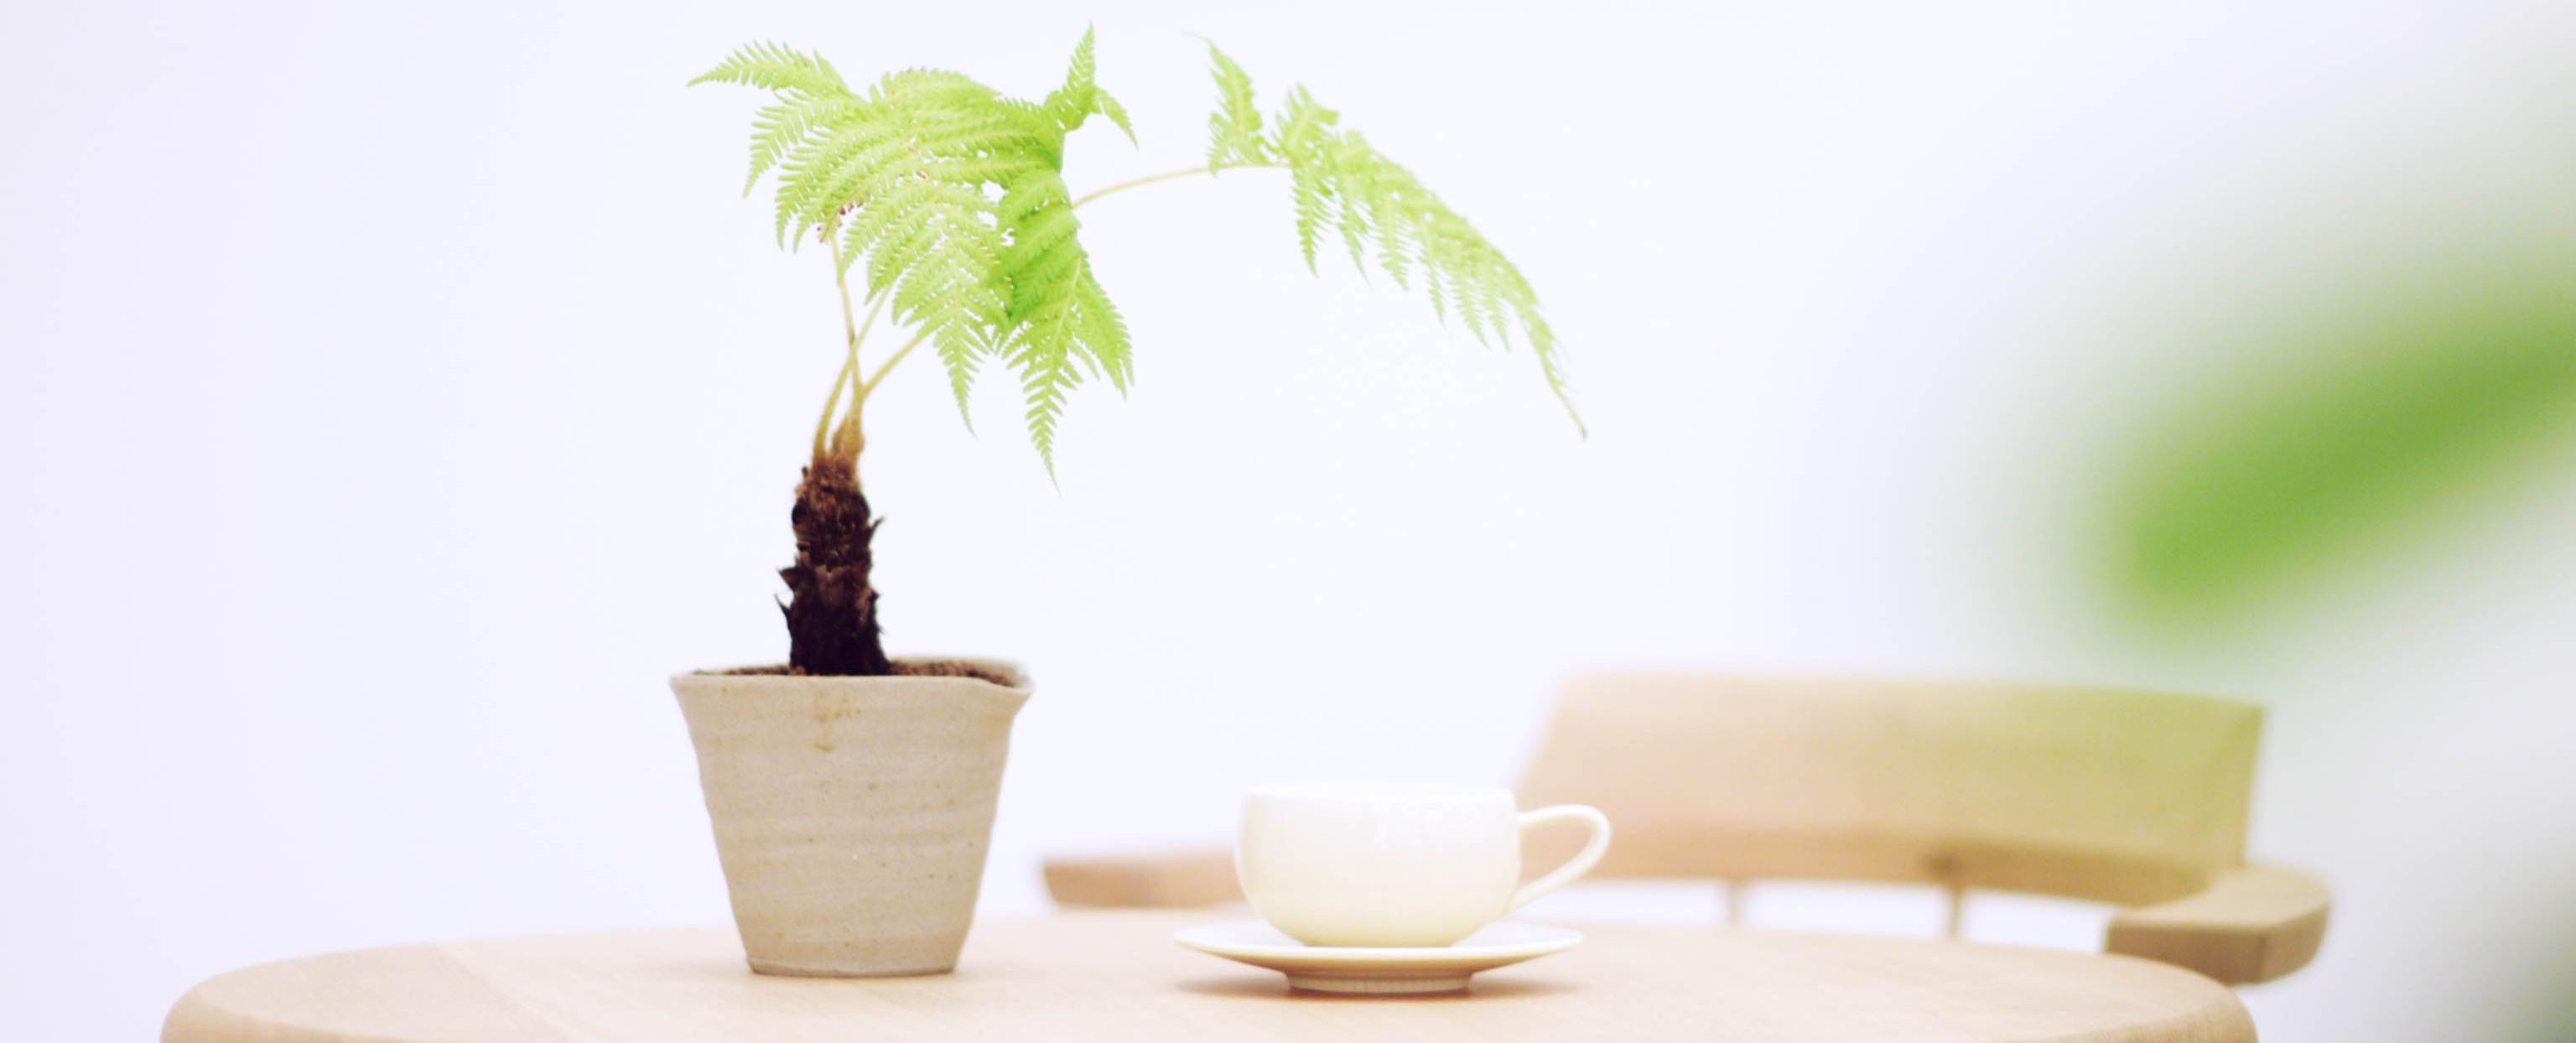 コーヒーカップとグリーン